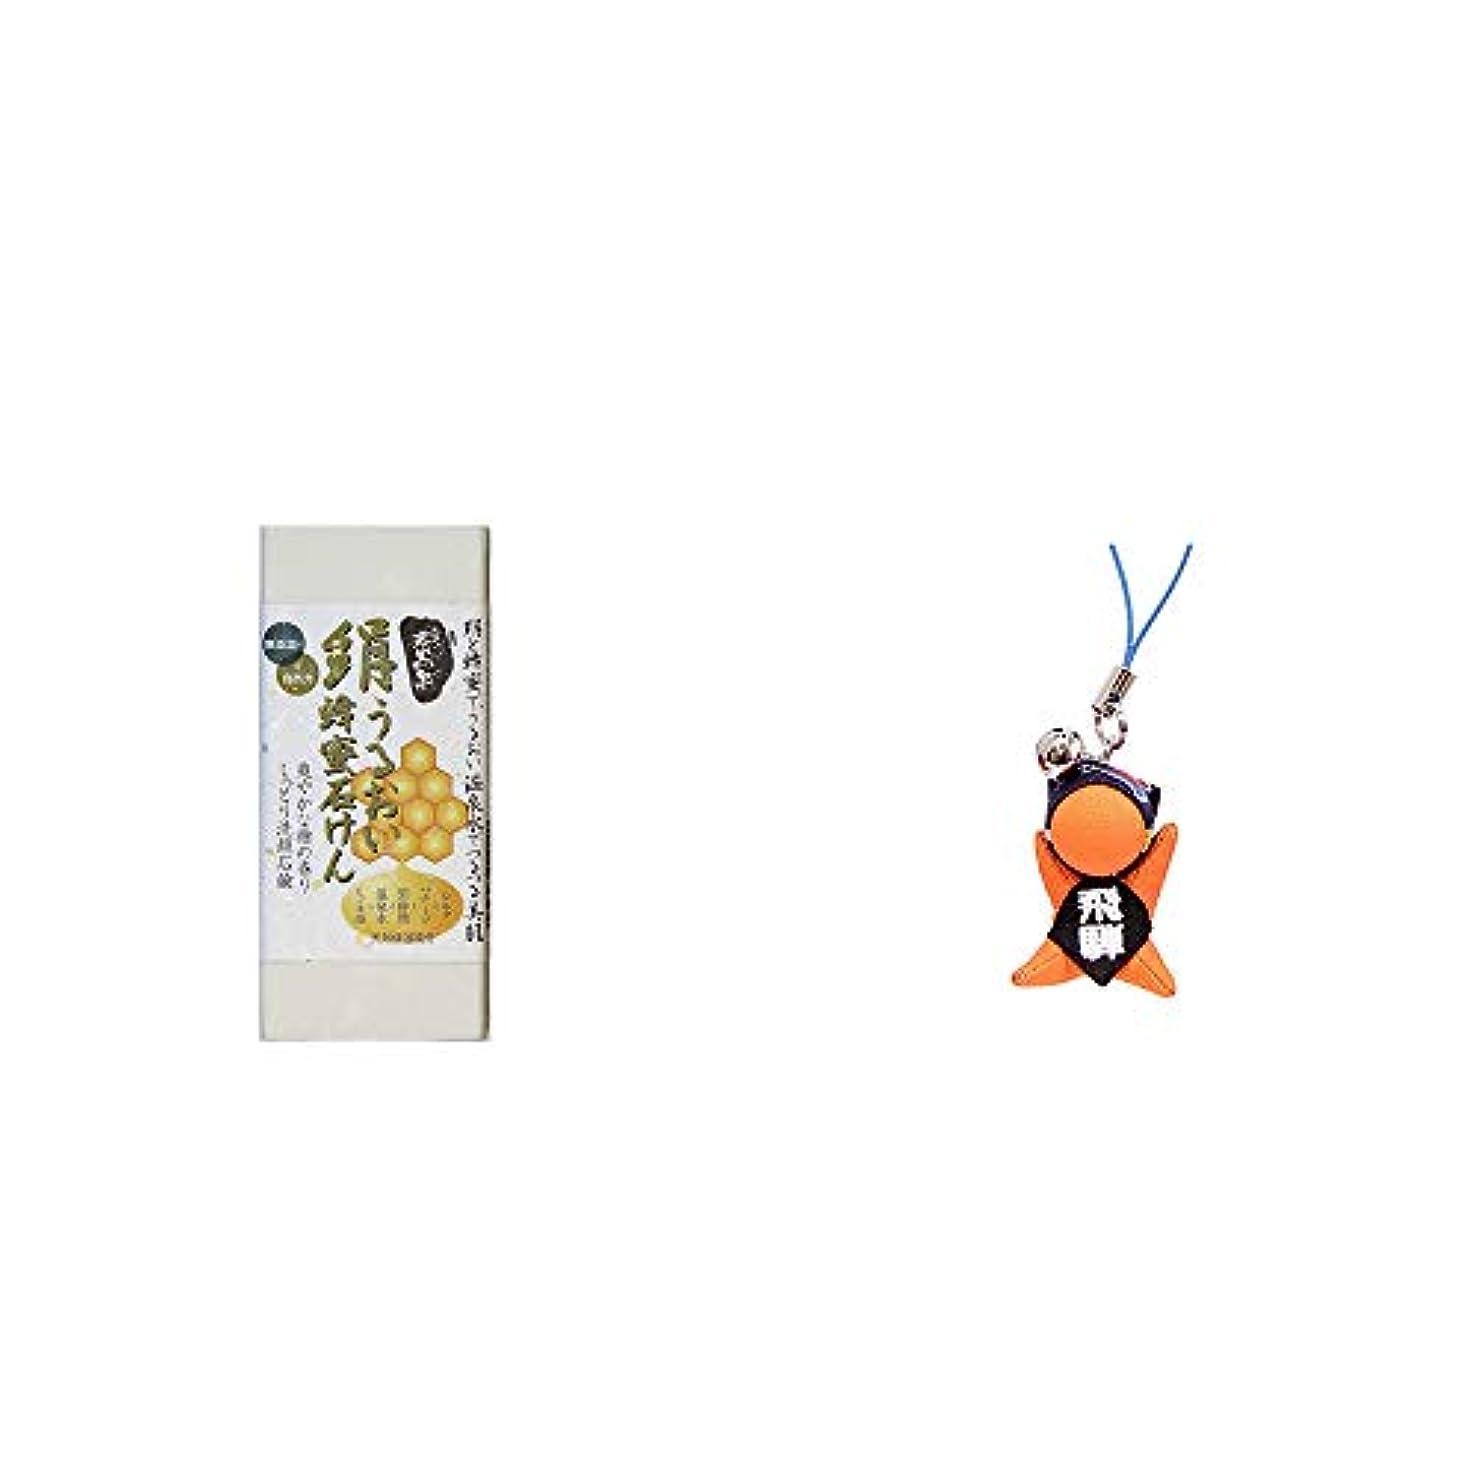 サービスカタログ引く[2点セット] ひのき炭黒泉 絹うるおい蜂蜜石けん(75g×2)?さるぼぼ幸福ストラップ 【黄】 / 風水カラー全9種類 金運?財運 お守り//